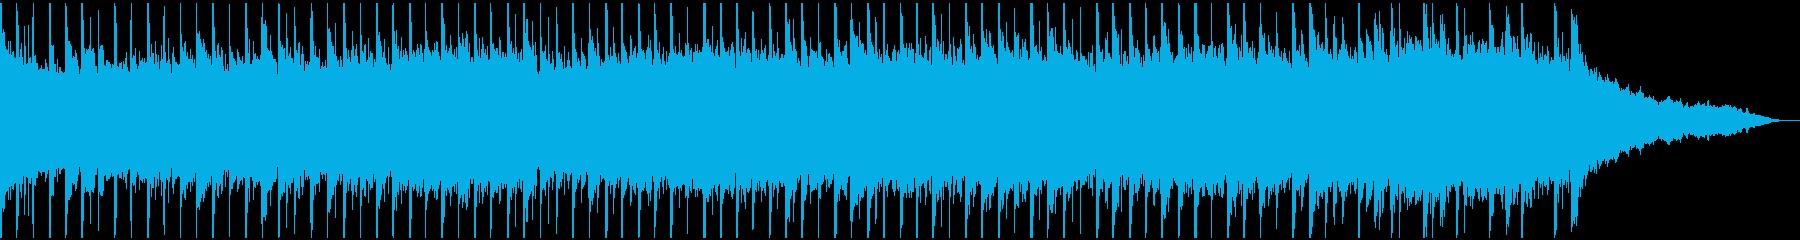 60秒企業VP7,コーポレート,ゆったりの再生済みの波形